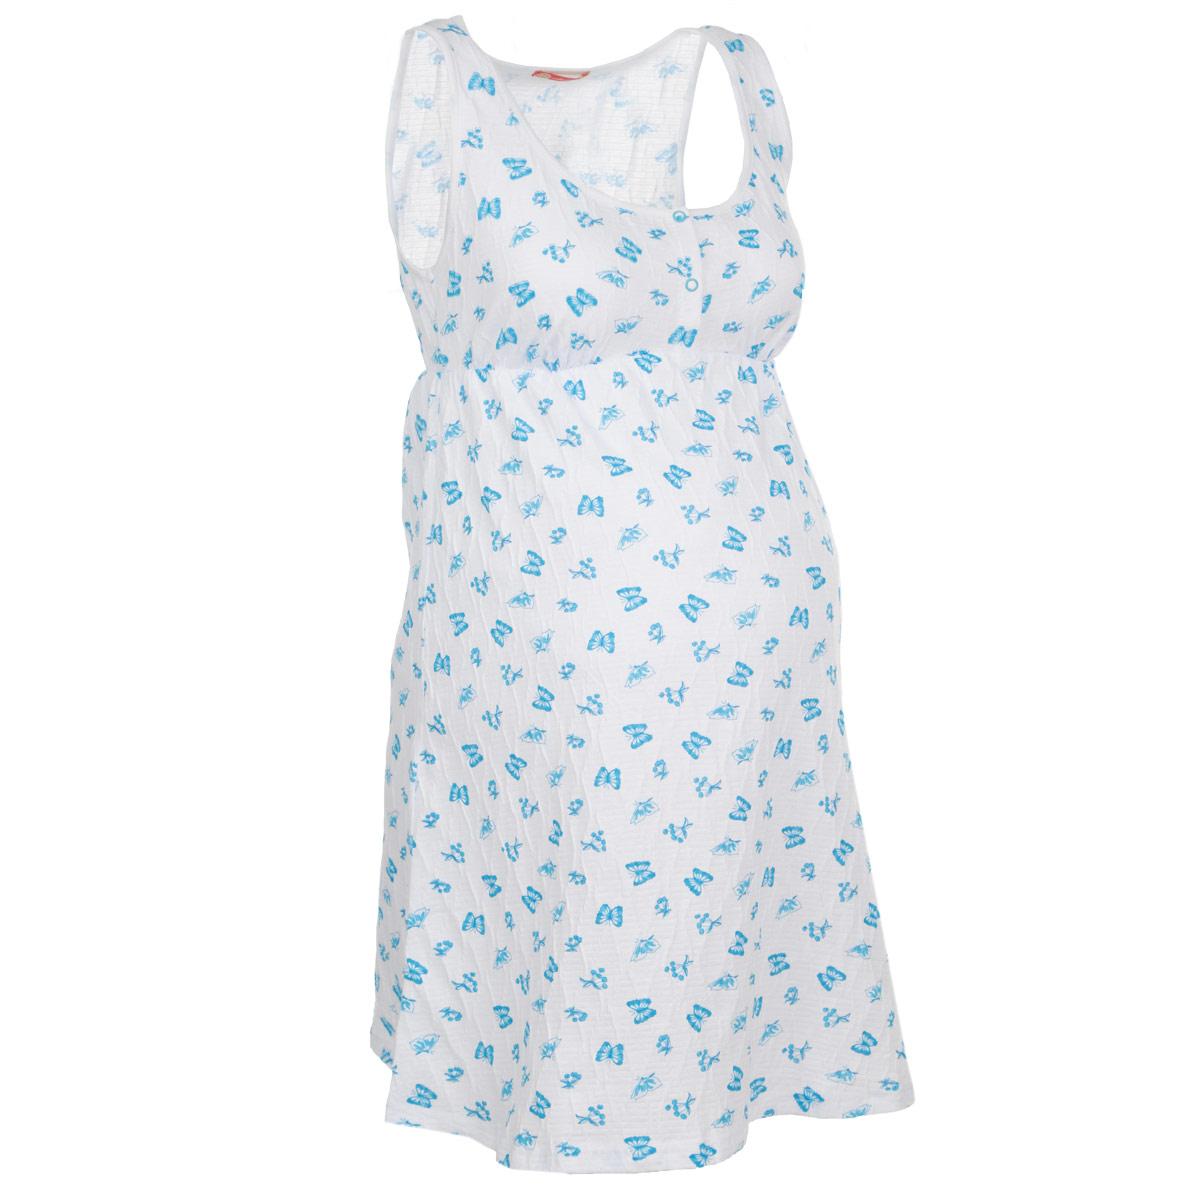 Сорочка ночная для беременных и кормящих Мамин Дом Honey, цвет: белый, голубой. 24140. Размер 46